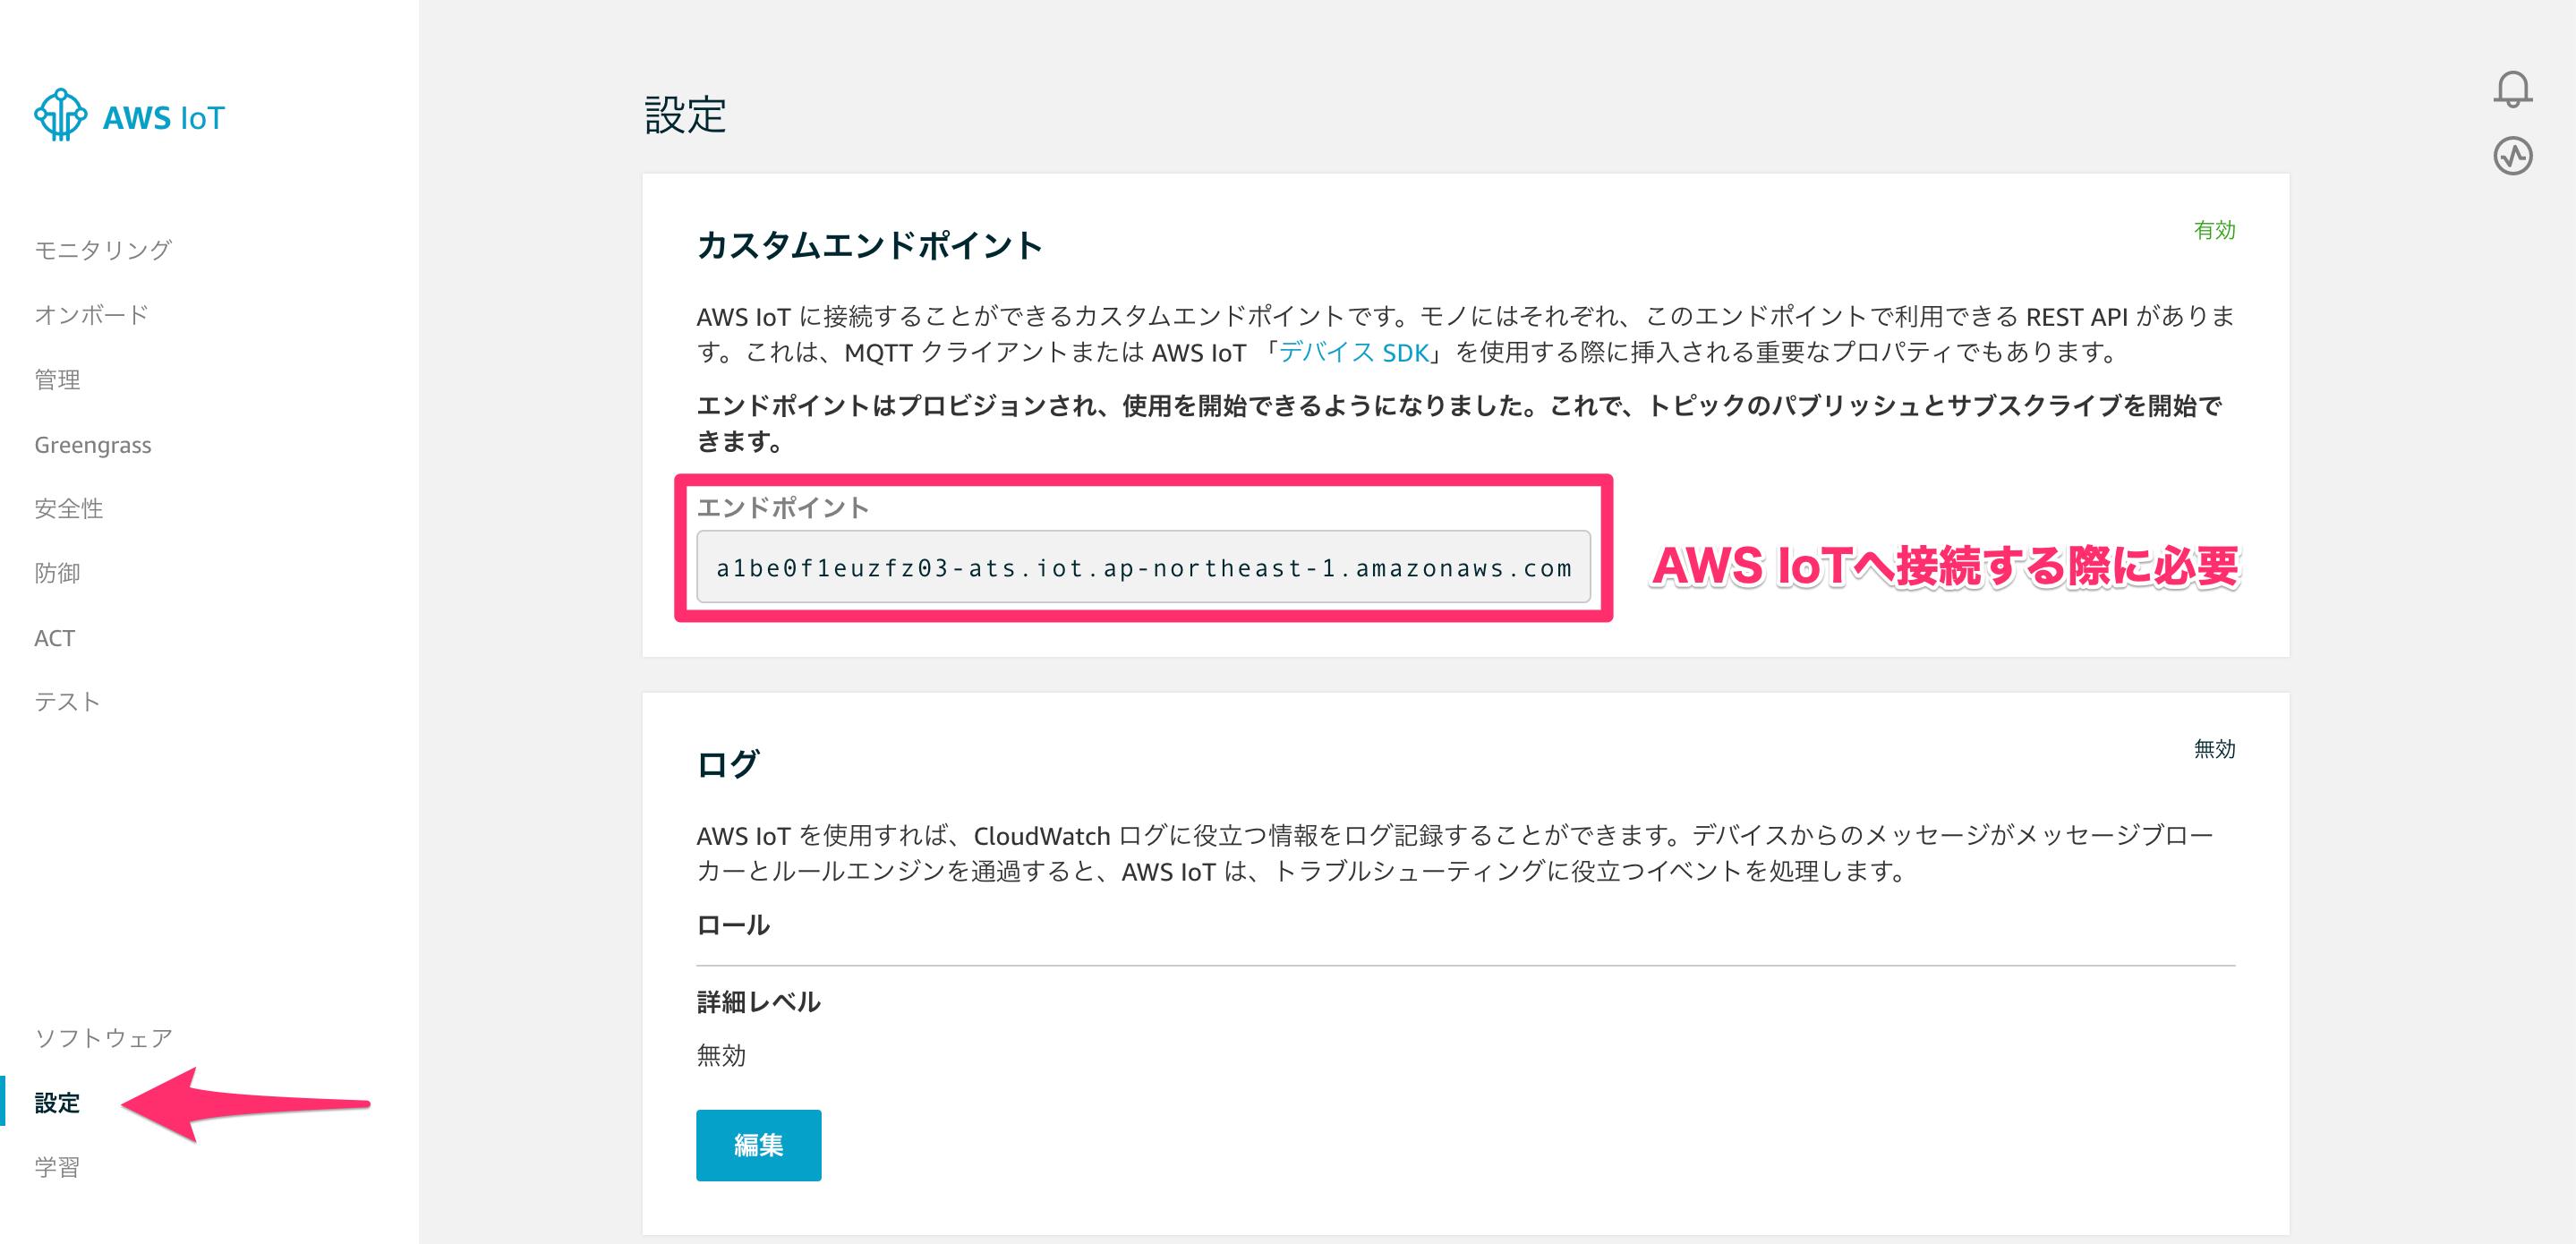 AWS IoT Core エンドポイント